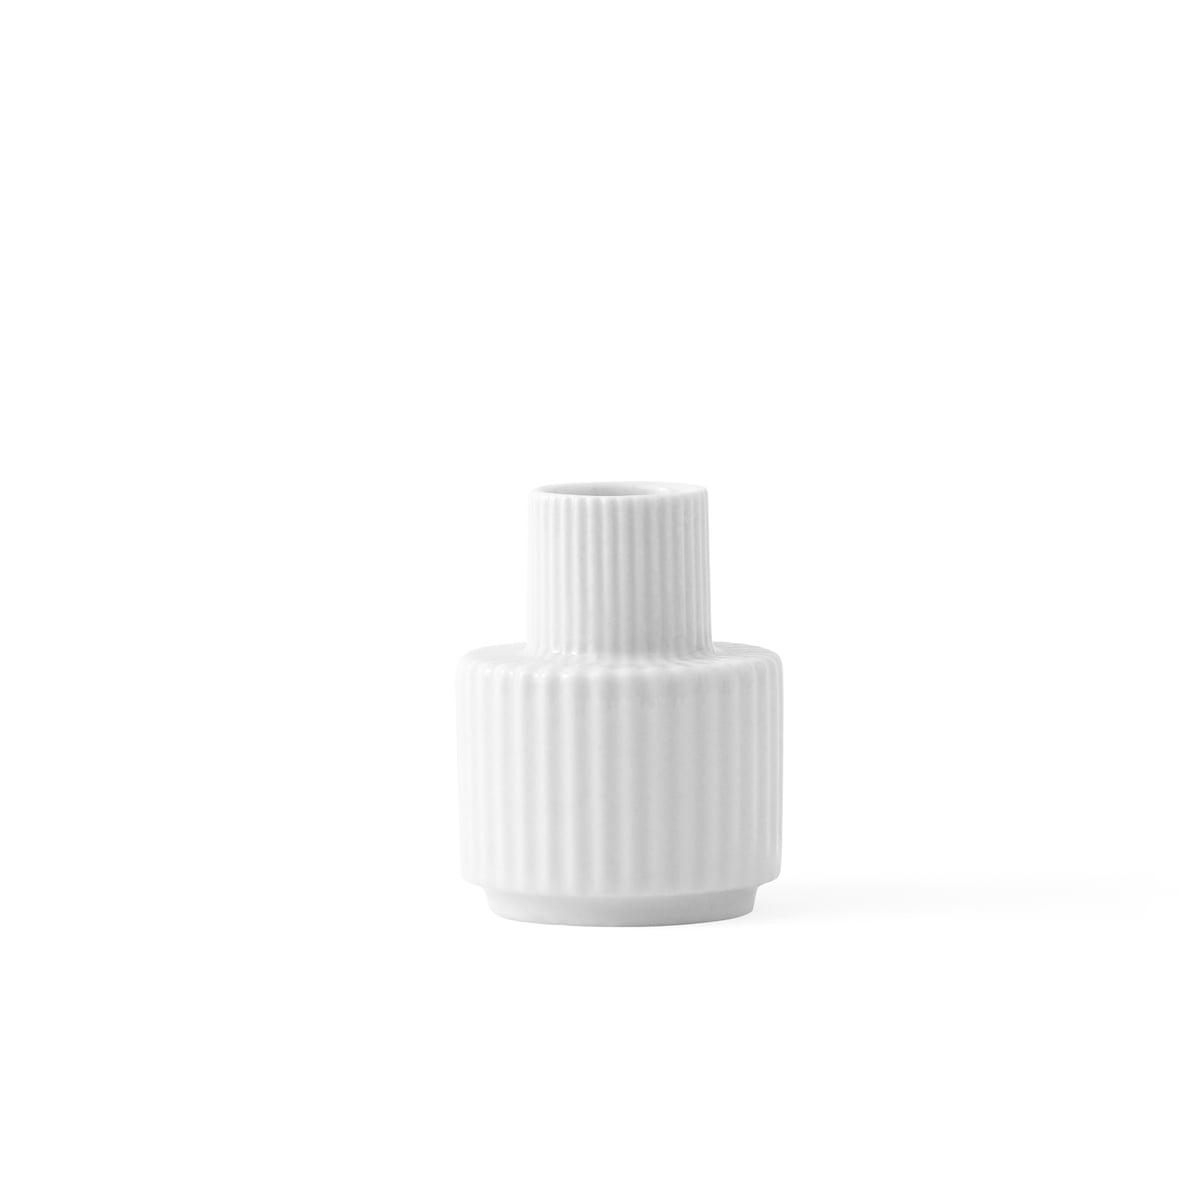 Lyngby porcelan cecile toklum kerzenhalter weiss 7cm frei